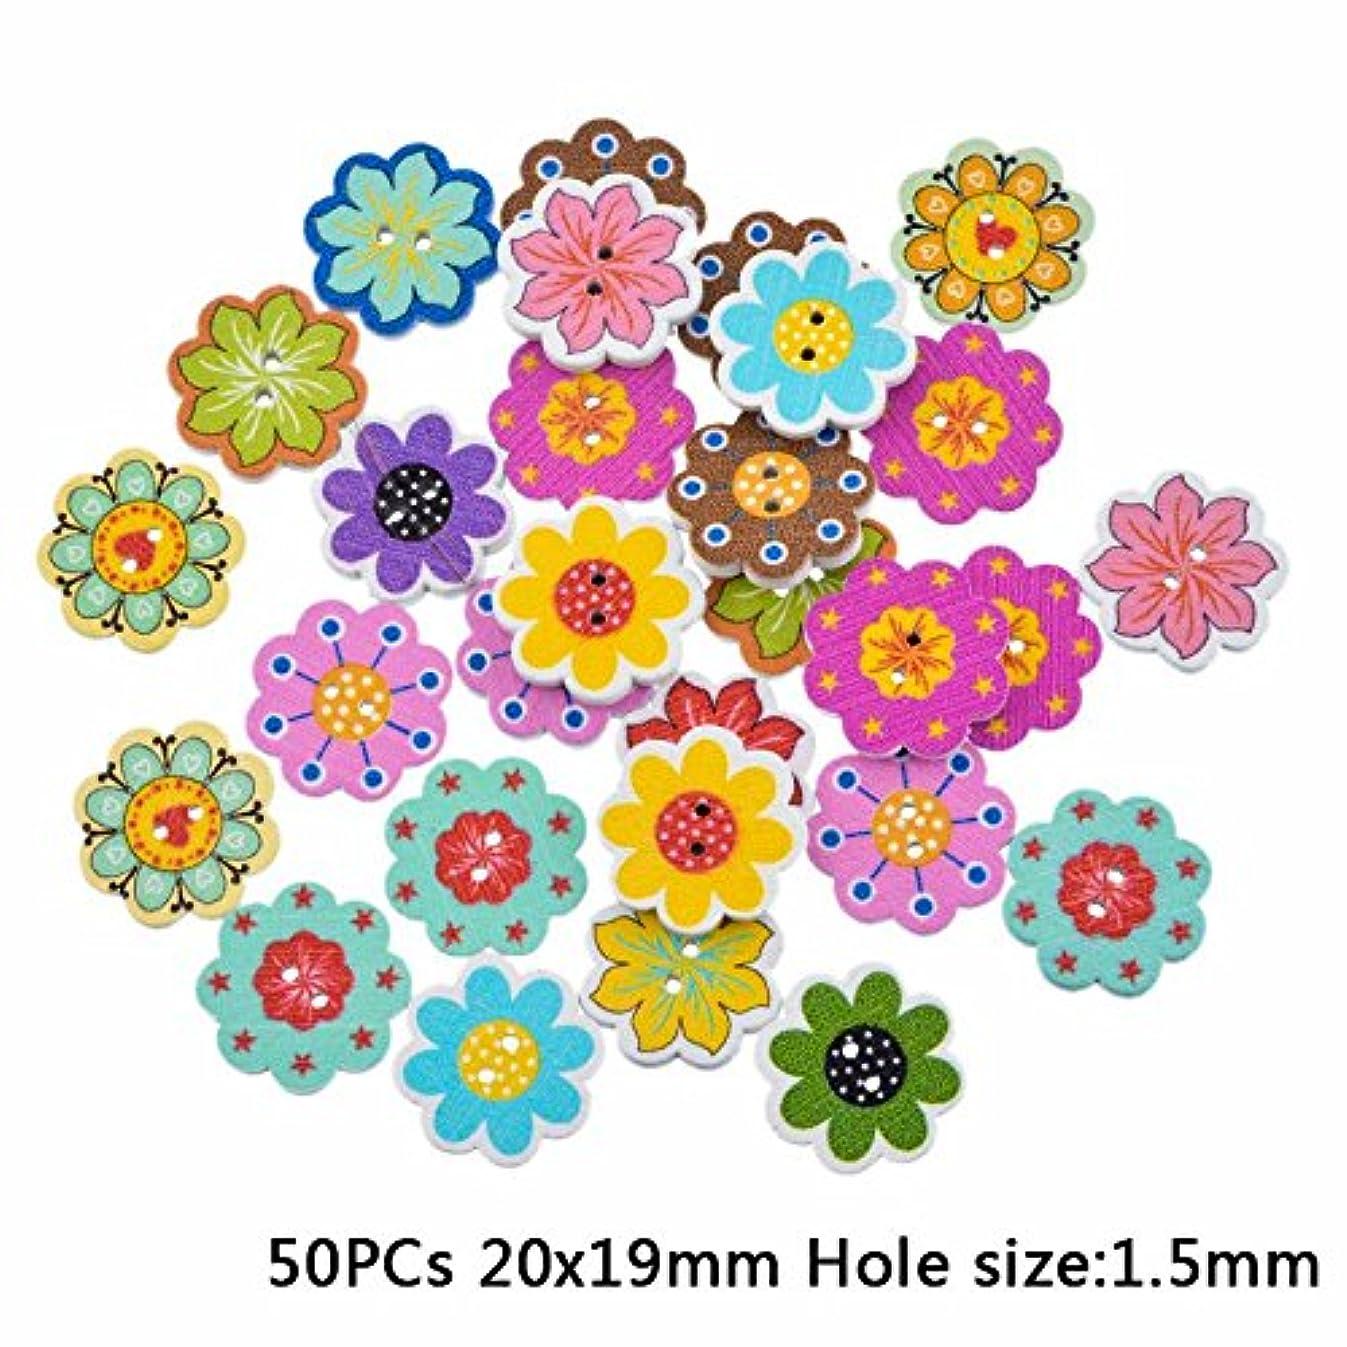 面積それぞれ後方Jicorzo - 50pcsの国立ピュアウッドボタンクラフトスクラップブッキングデコレーションボタン25mmのソーイングアクセサリーランダムミックス[50個F]